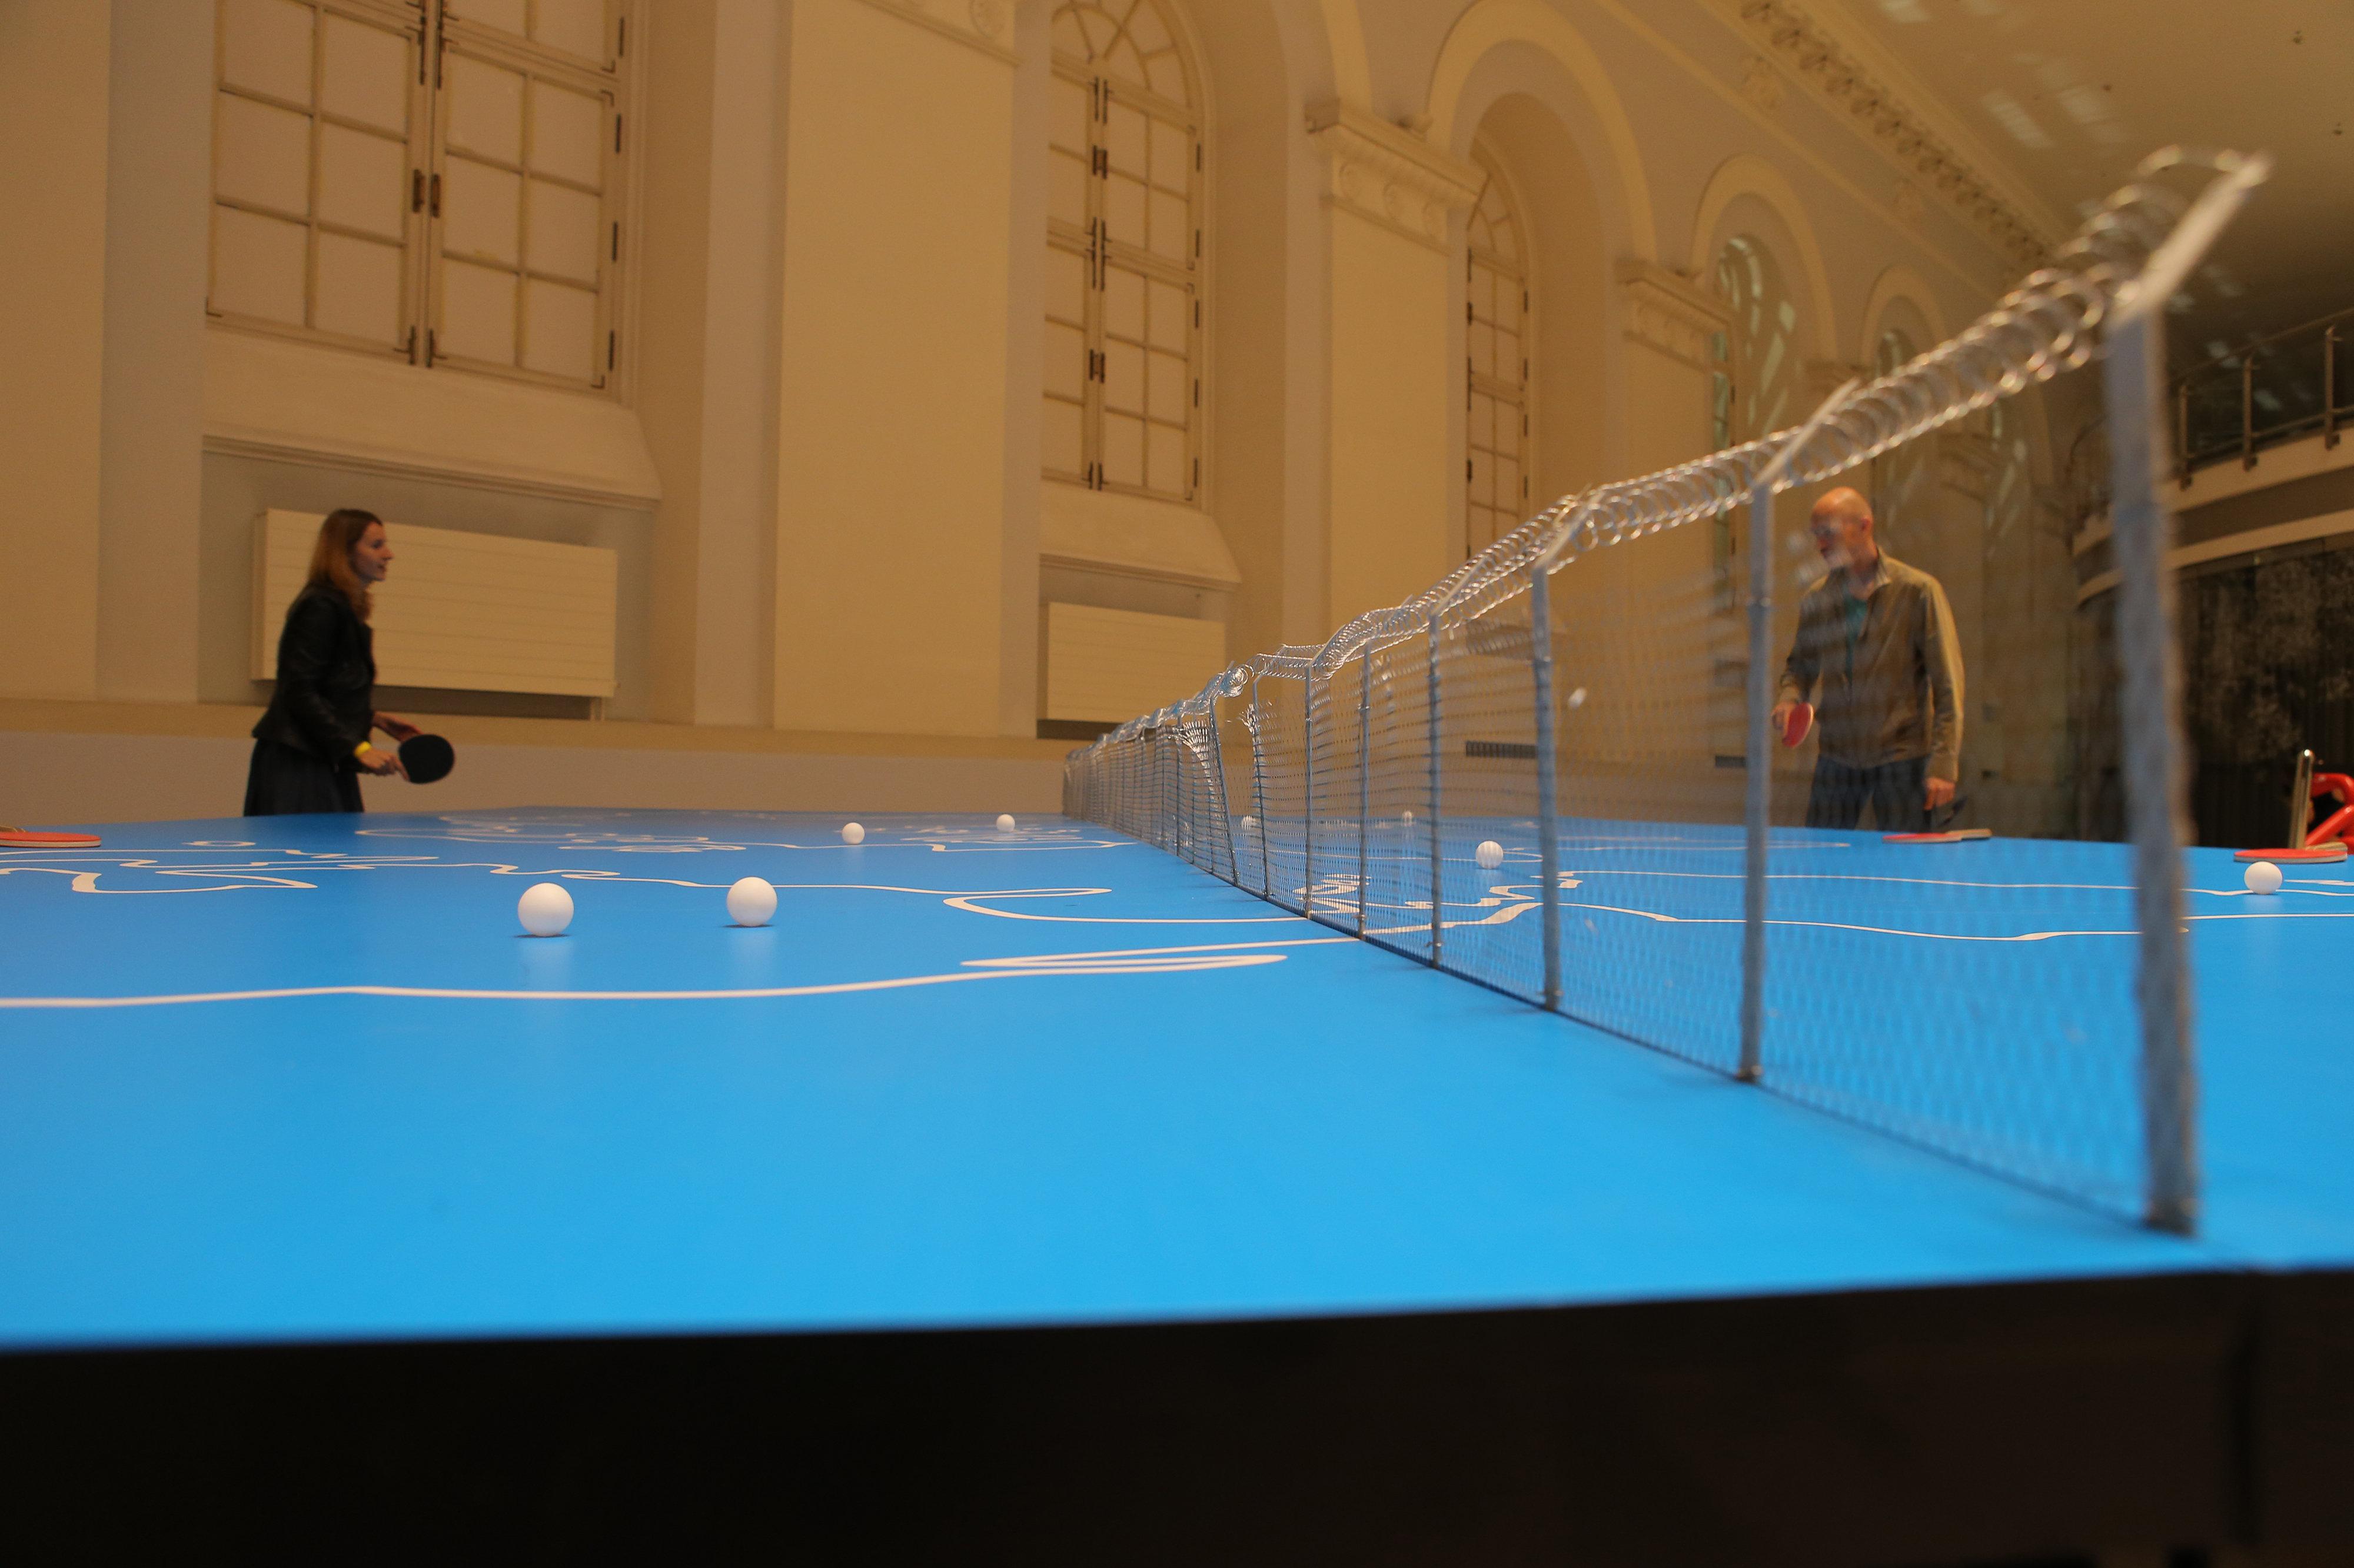 El trabajo del colectivo Doma es uno de los más populares entre los visitantes de la exposición.